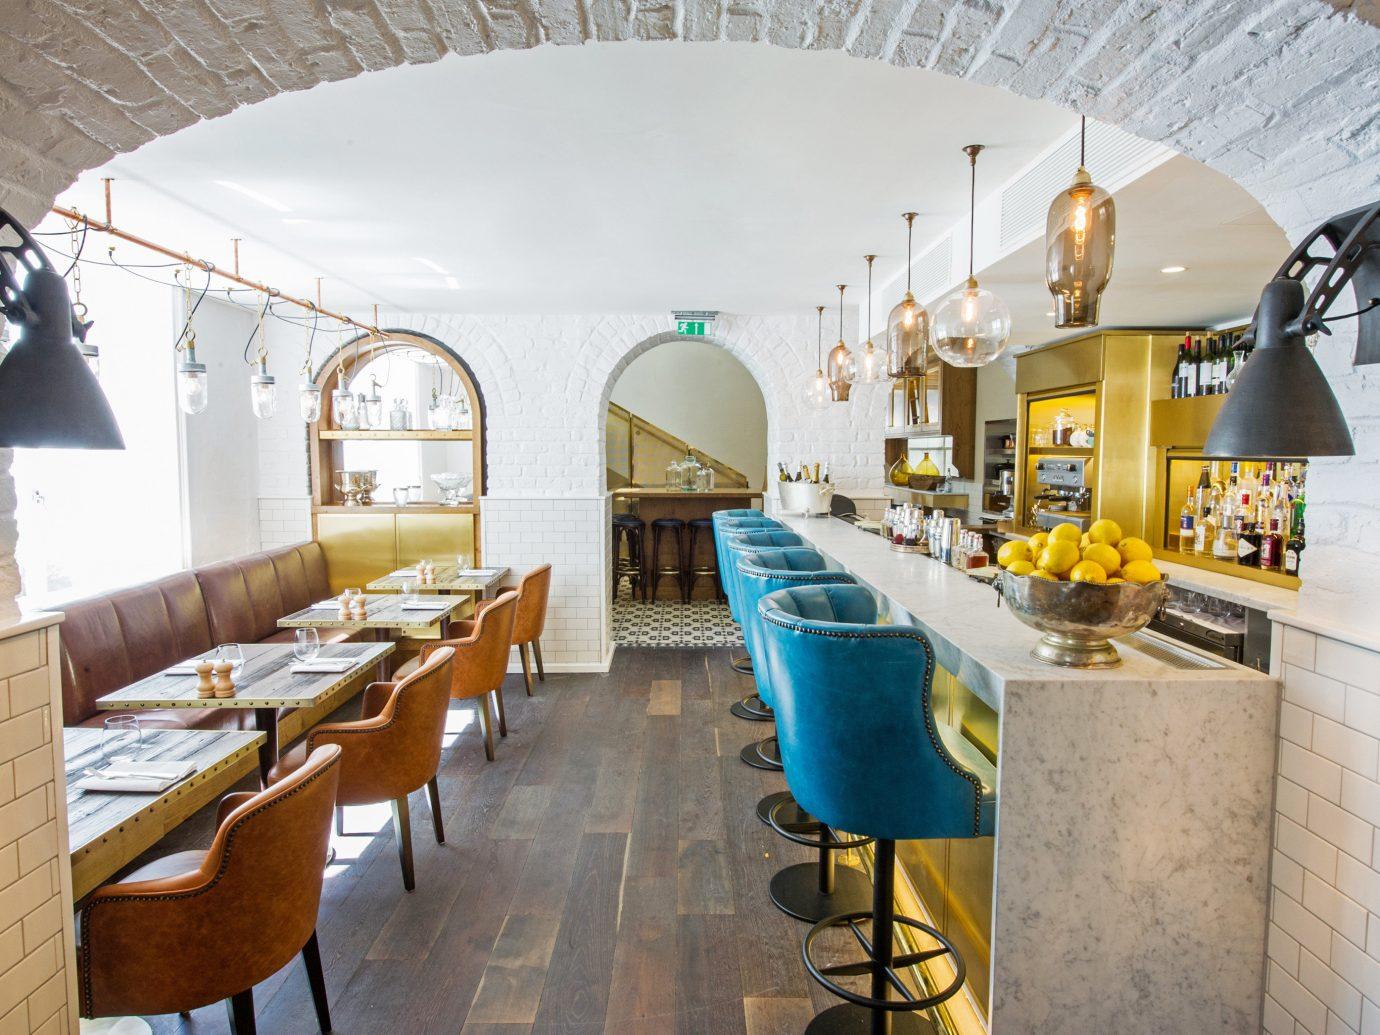 Bar Boutique Hotels Dining Drink Eat Hip Hotels Modern Trip Ideas indoor floor property room restaurant Architecture estate interior design home Design real estate furniture